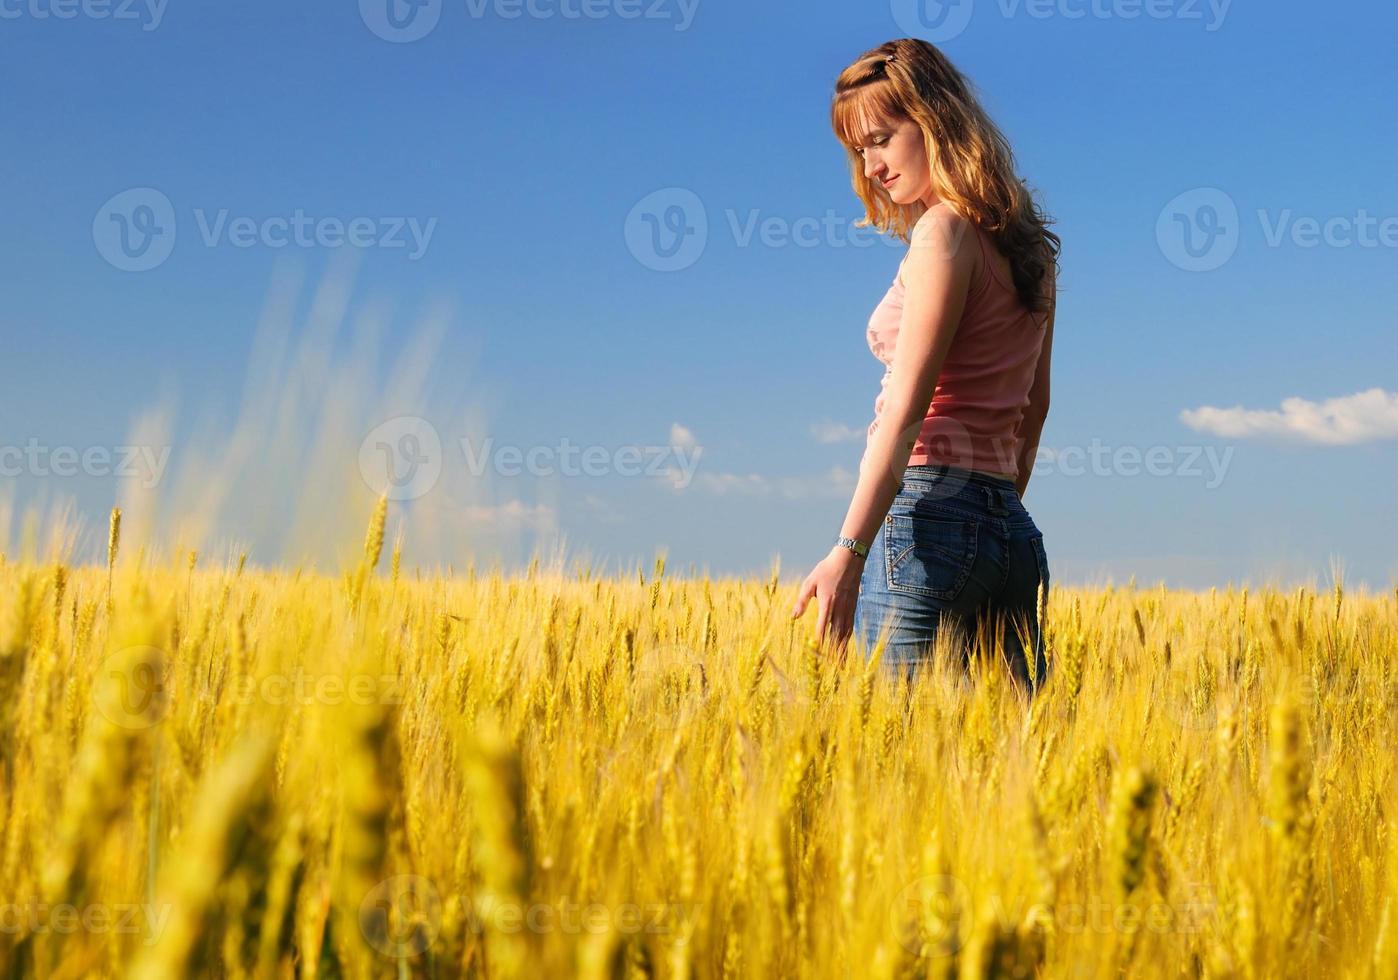 garota no campo foto